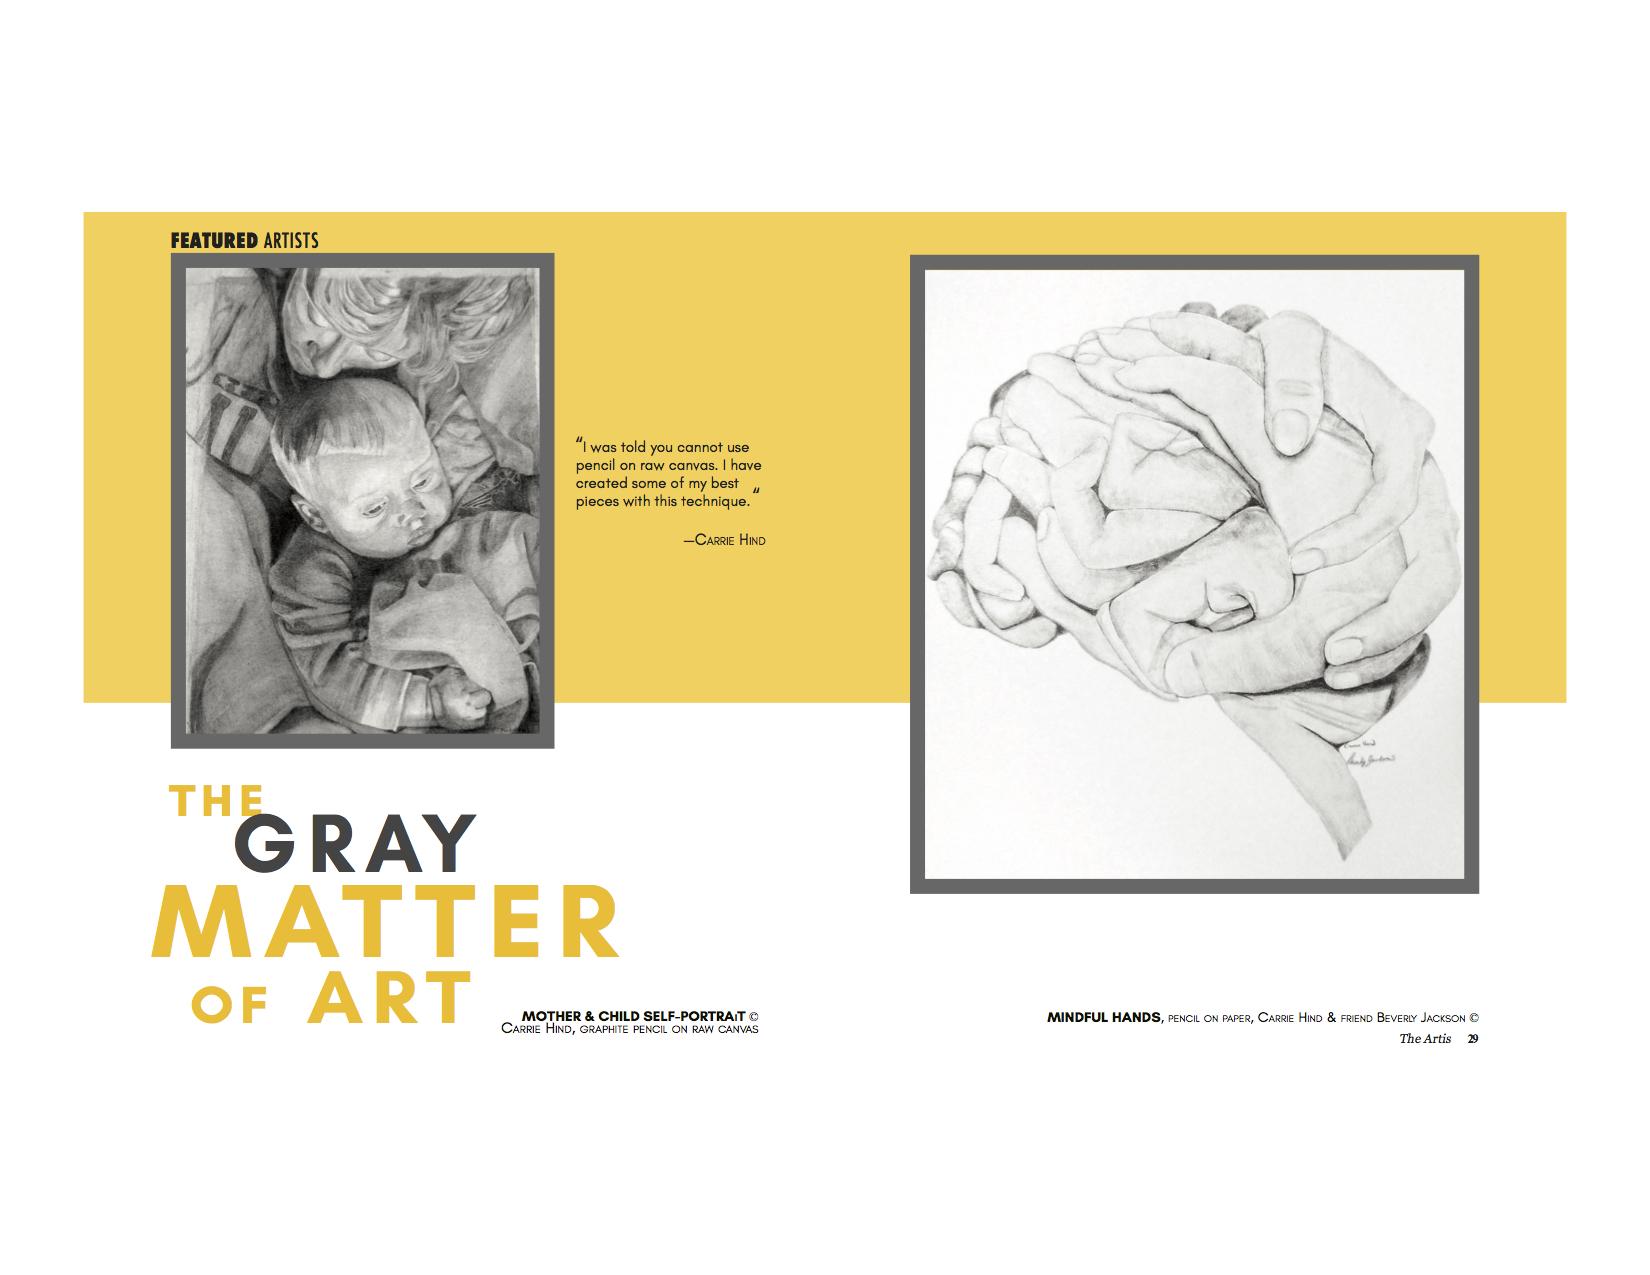 Artis 3 The Gray mattar of art spread.jpg